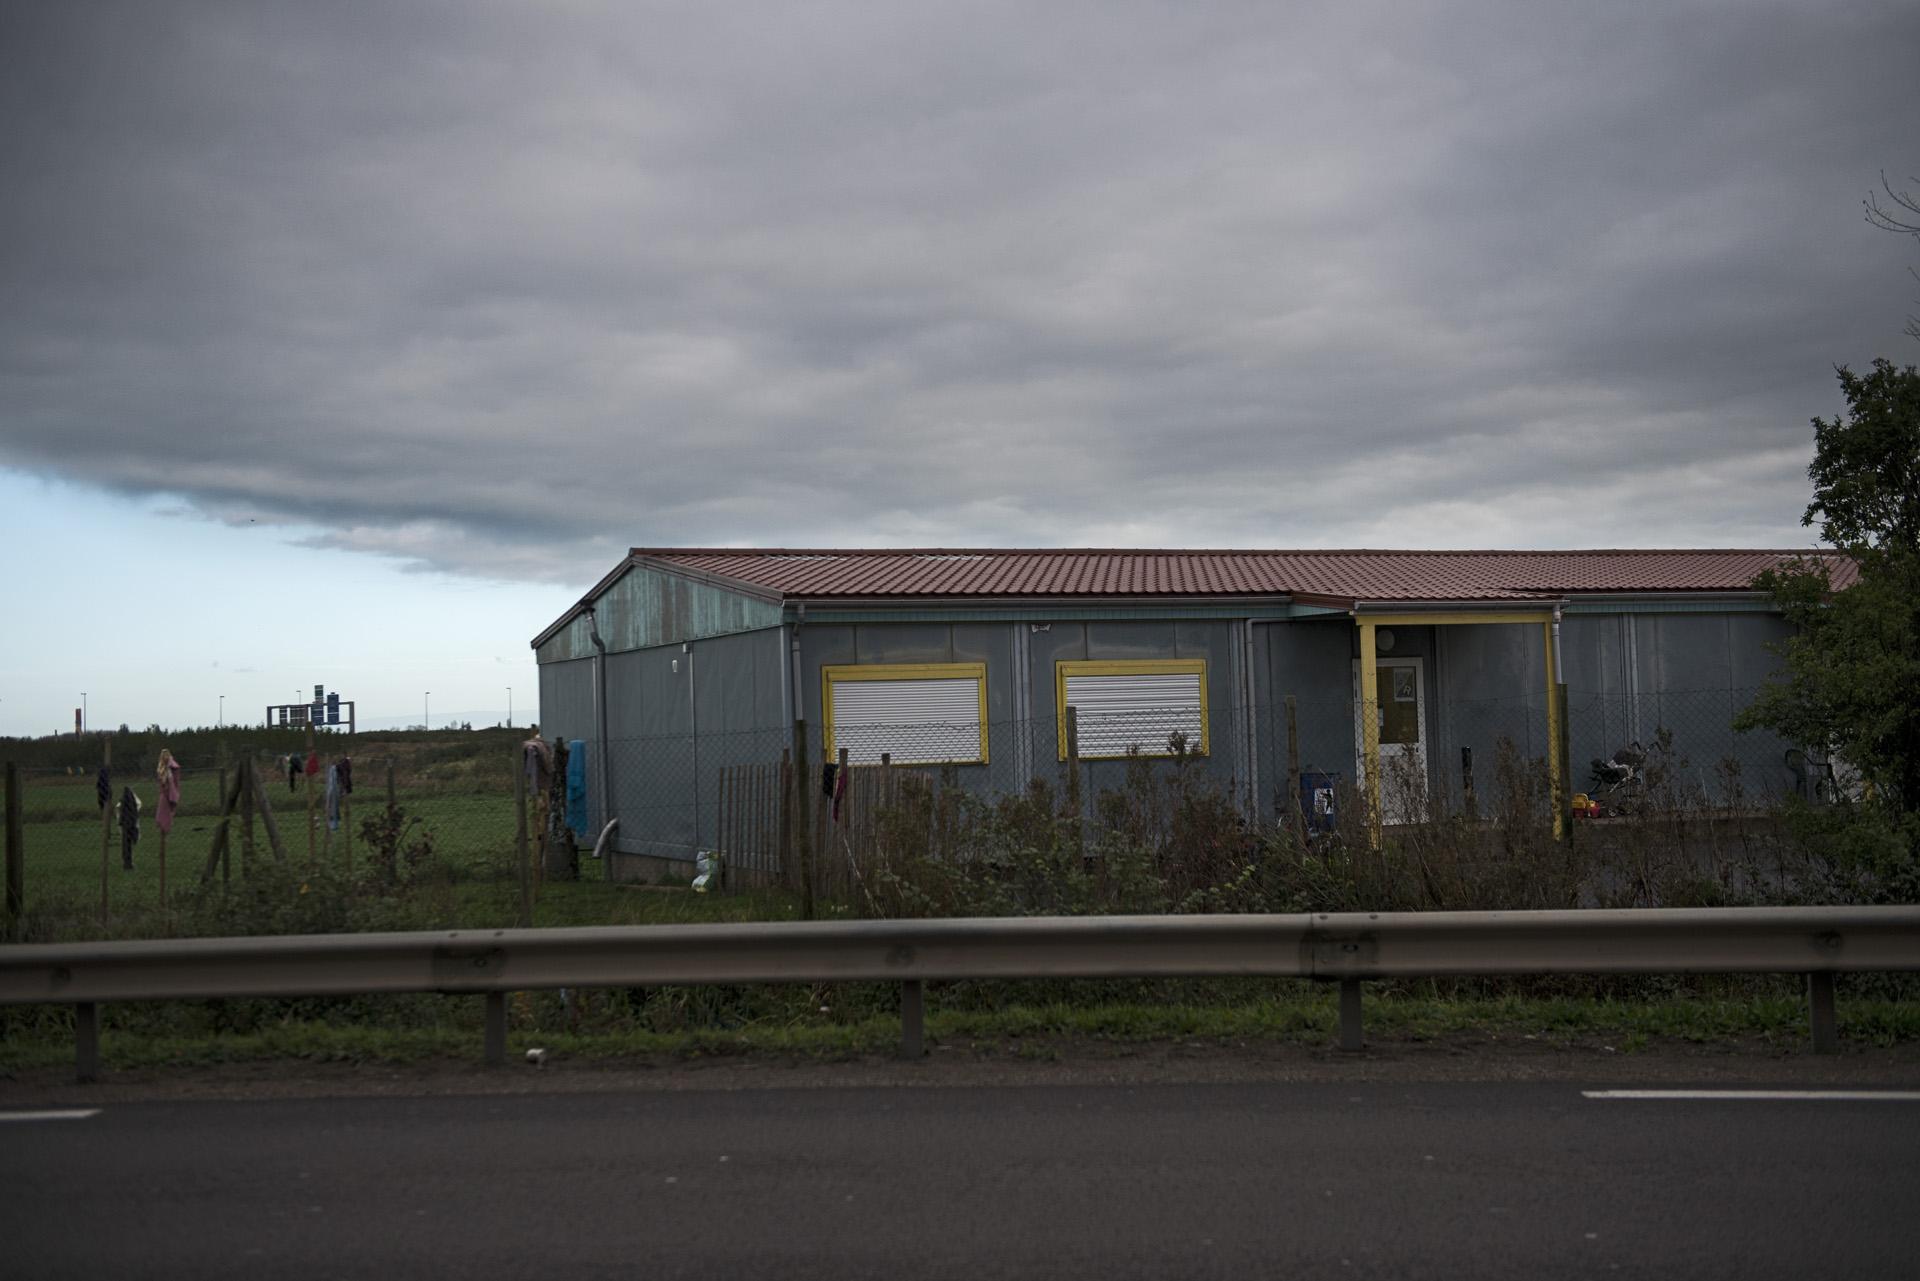 La maison des femmes gérée par l'association solid'R est actuellement le seul centre d'acceuil de jour et de nuit à Calais. Sa capacité d'acceuil est limitée à 50 personnes, ce qui oblige le centre à tenir des listes d'attente. Les femmes enceintes, malades ou avec enfants sont prioritaires.